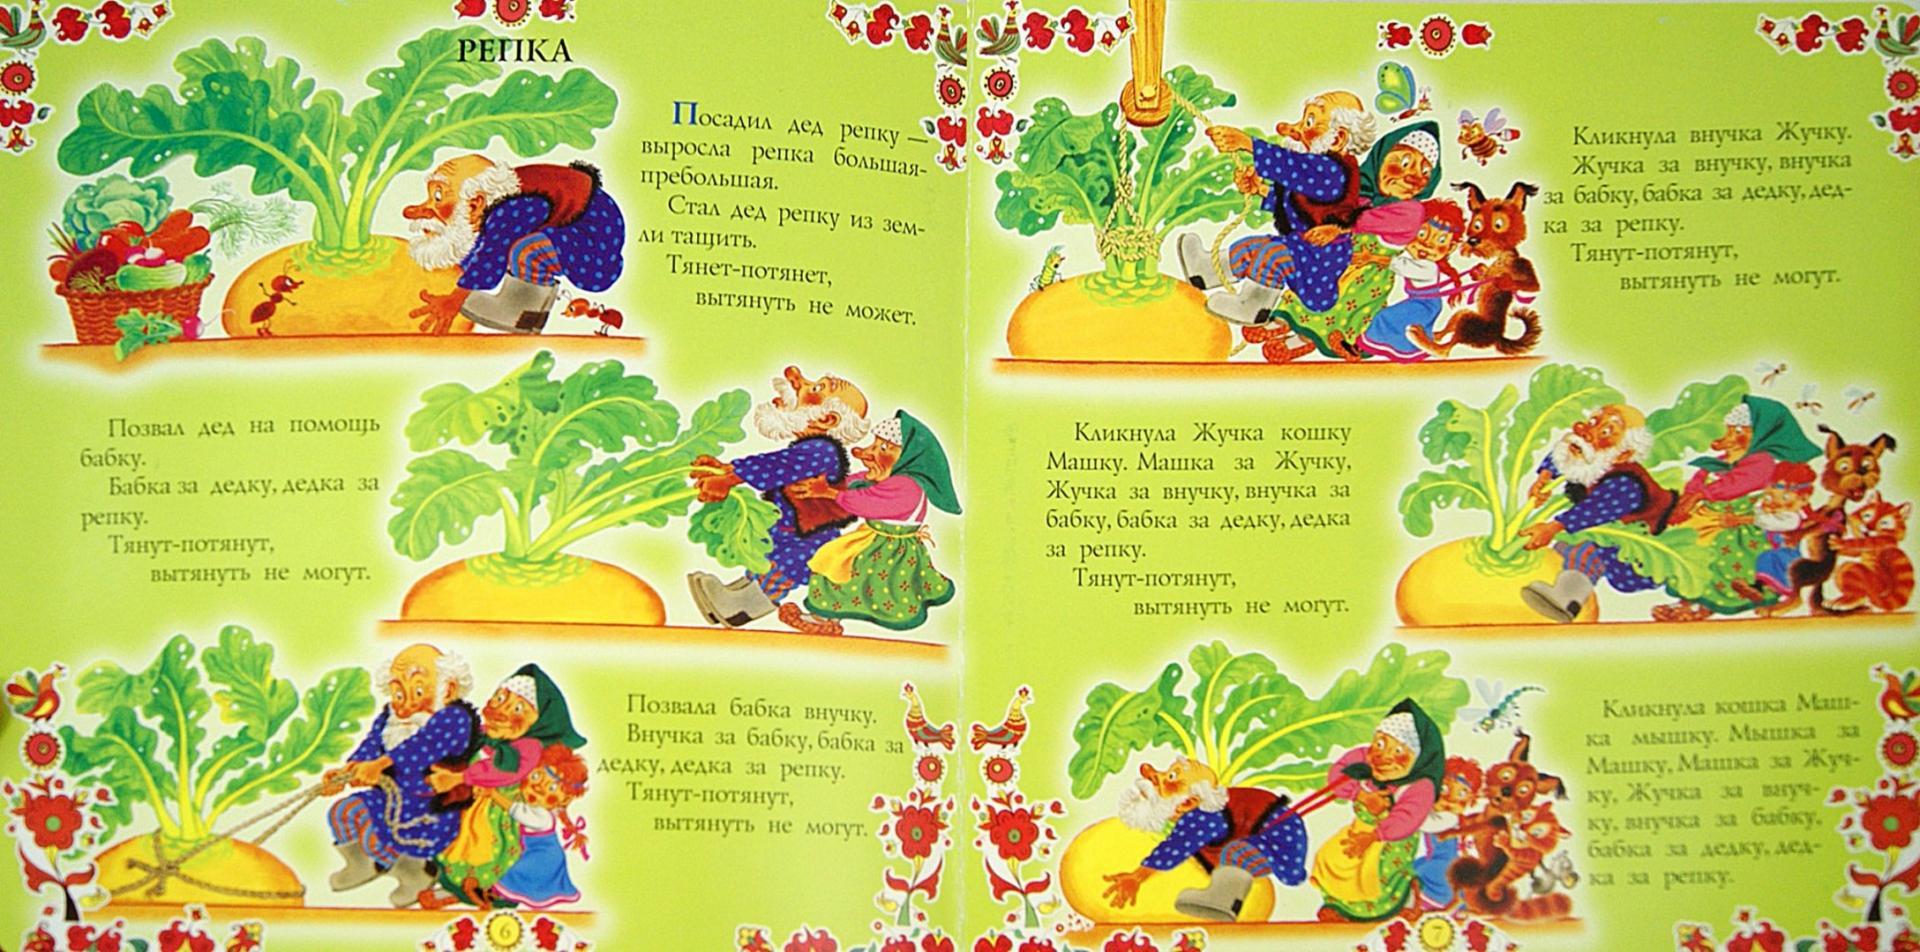 Иллюстрация 1 из 12 для Русские народные сказки | Лабиринт - книги. Источник: Лабиринт